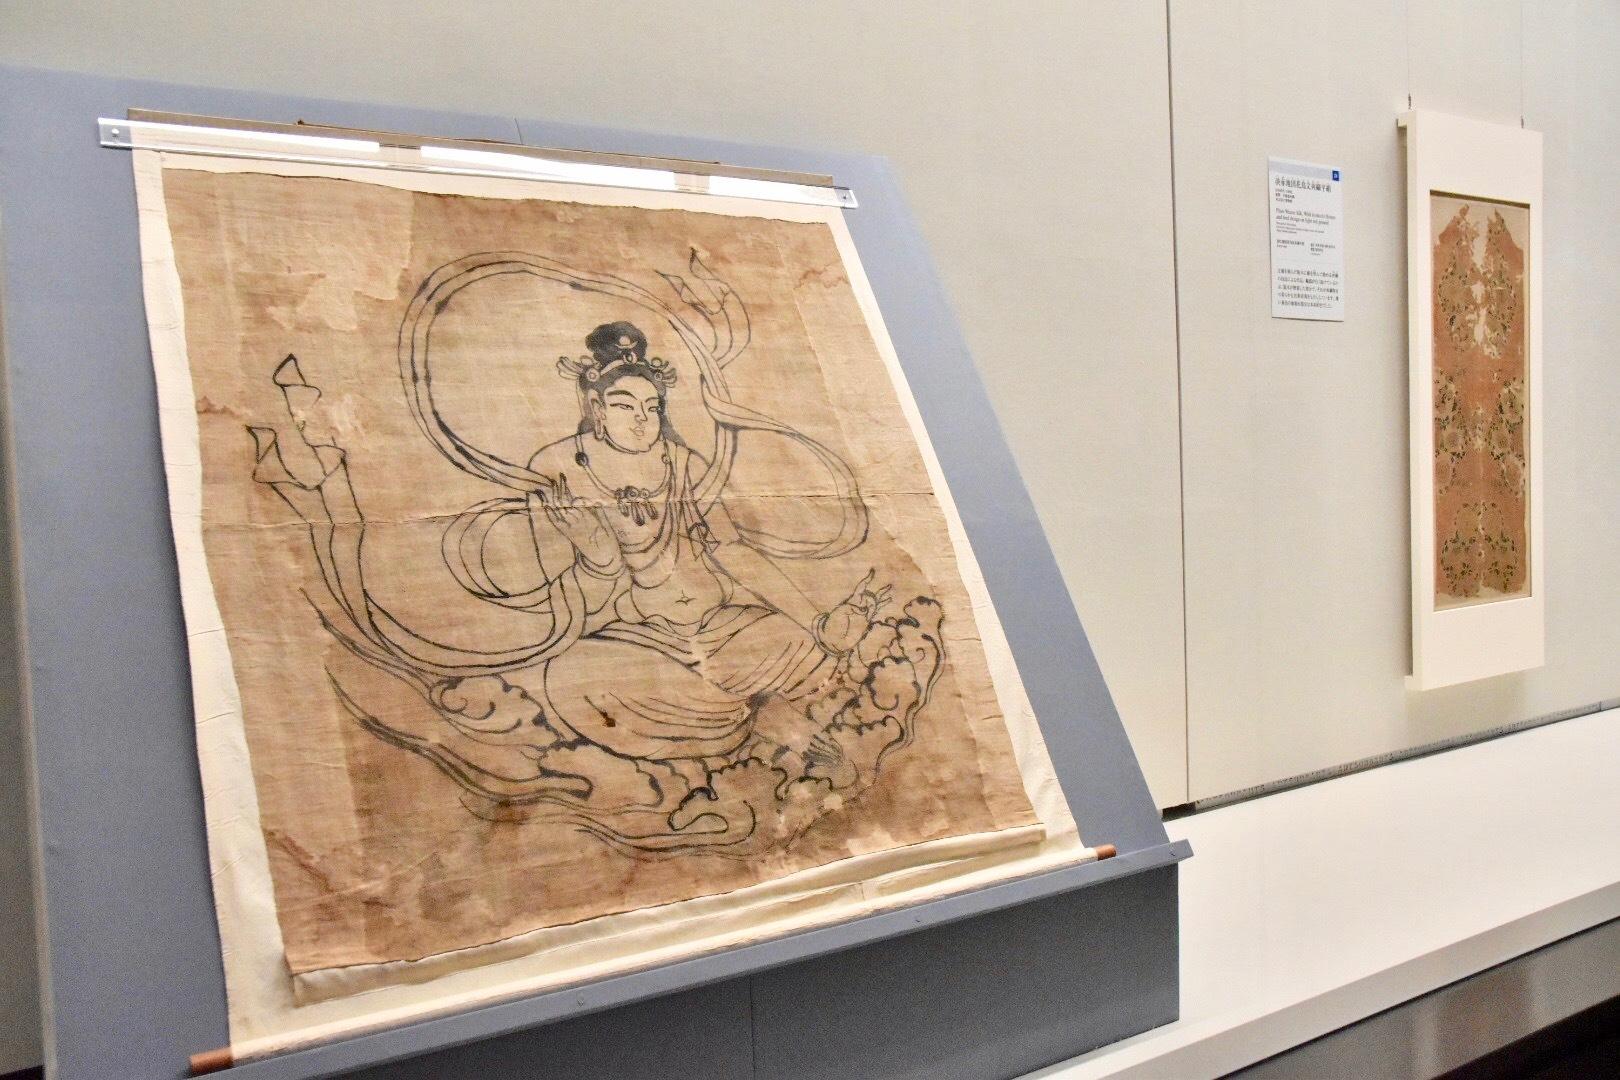 正倉院宝物《墨画仏像》 奈良時代 8世紀 正倉院蔵 前期展示